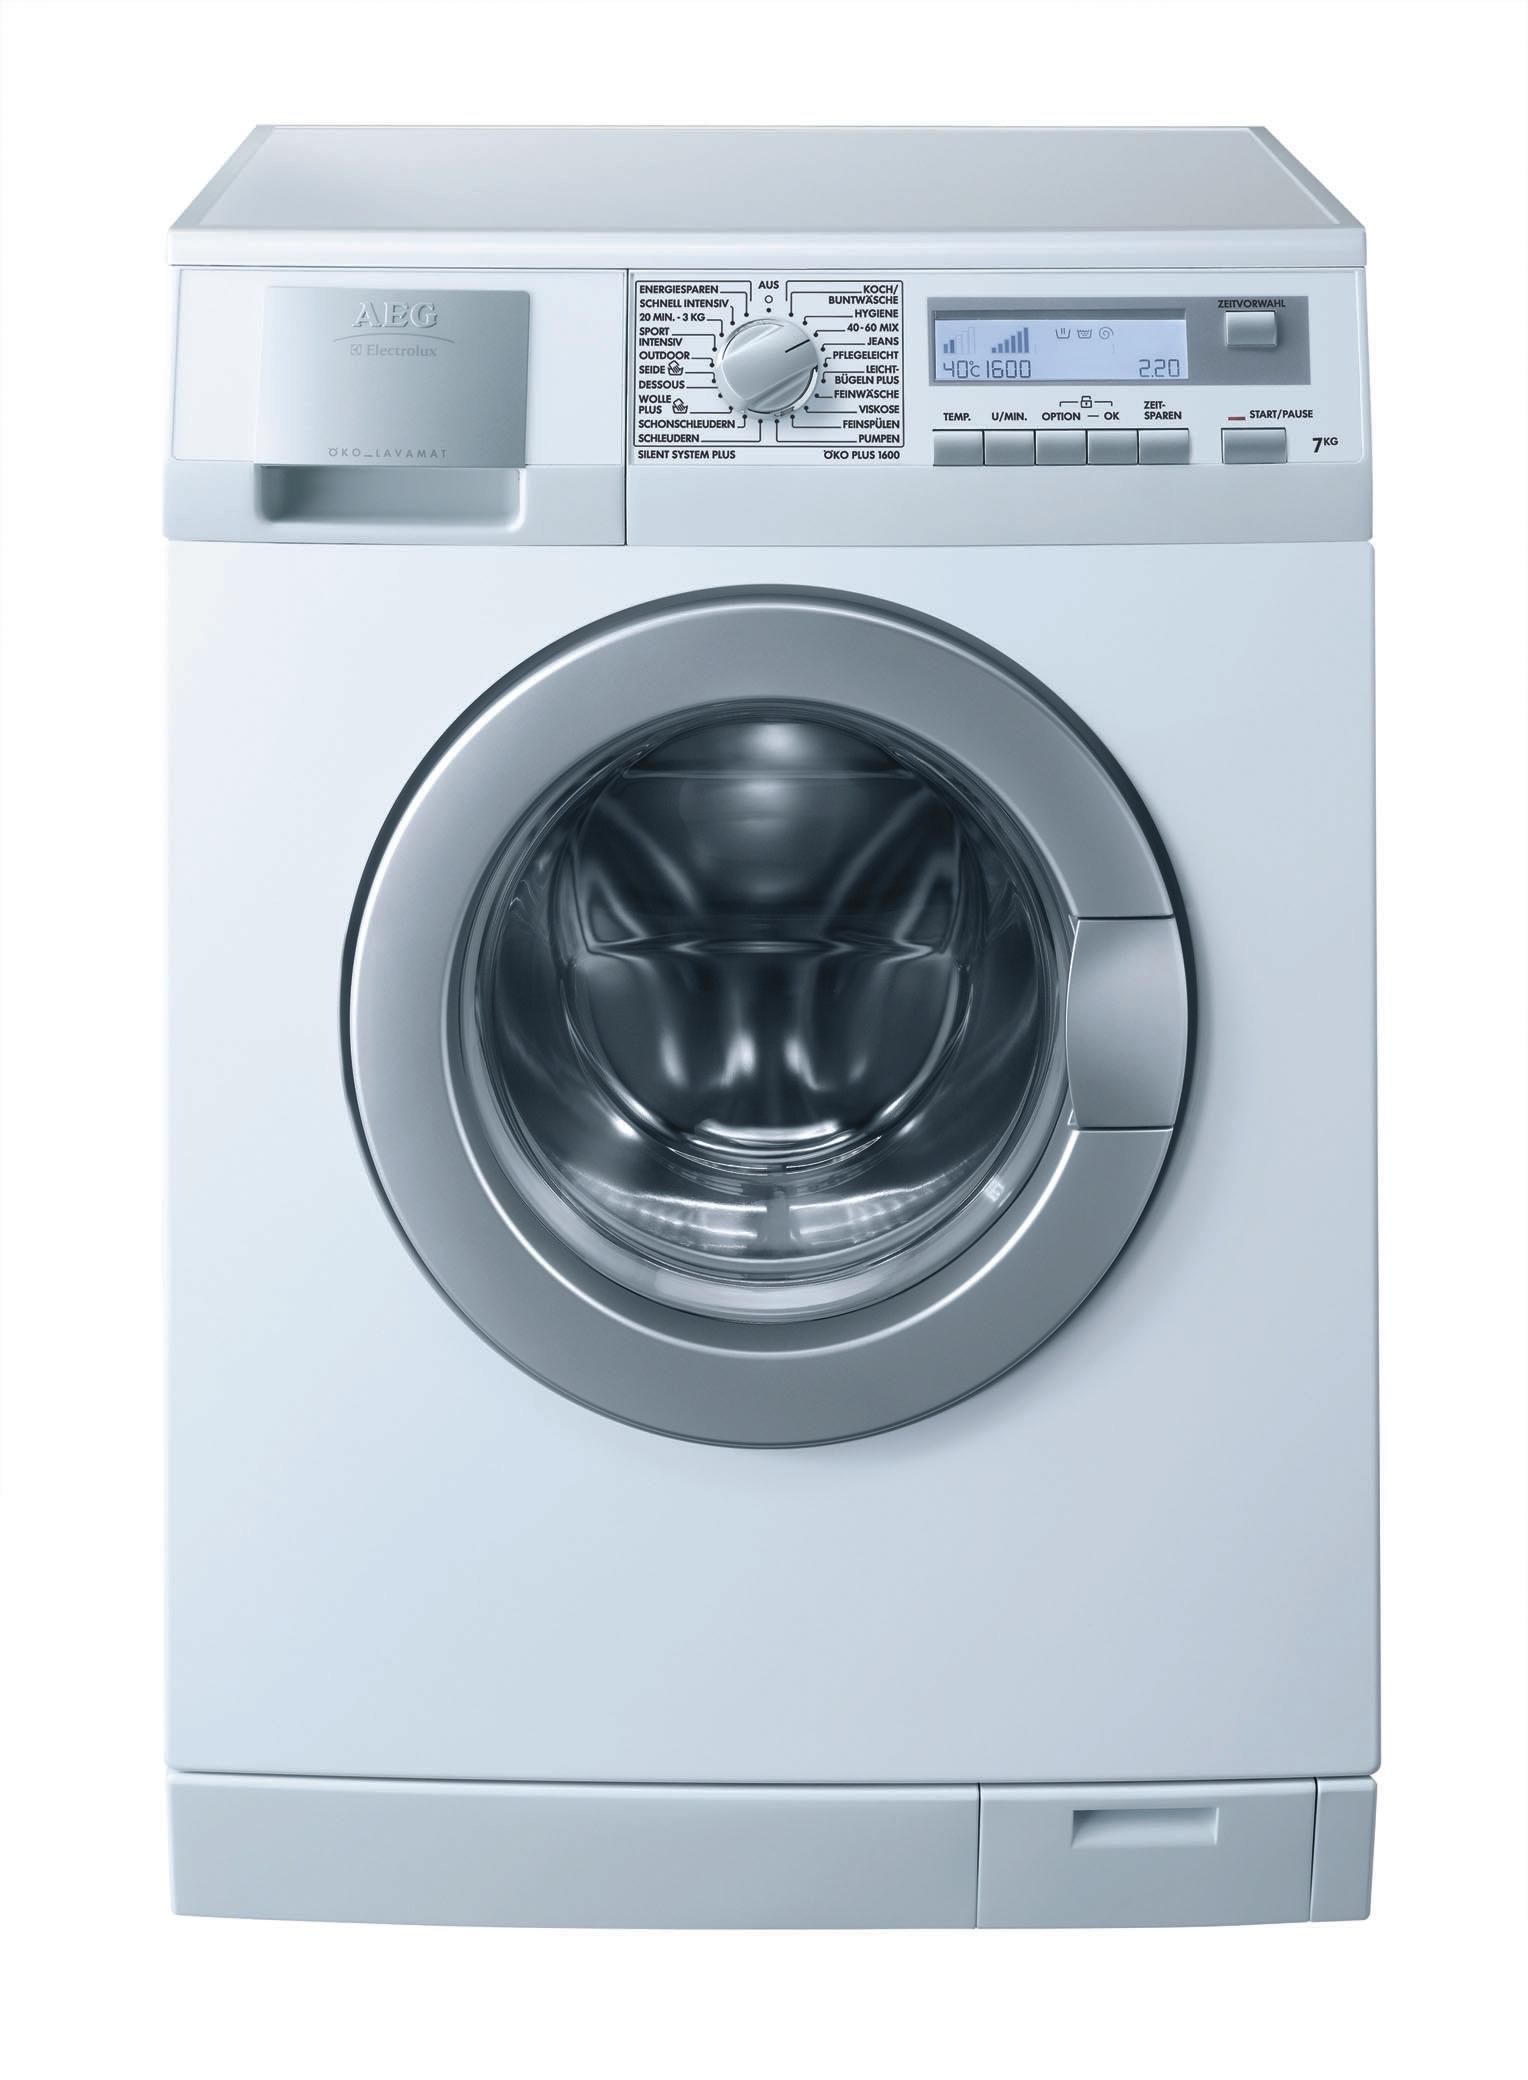 AEG lavamat 1600